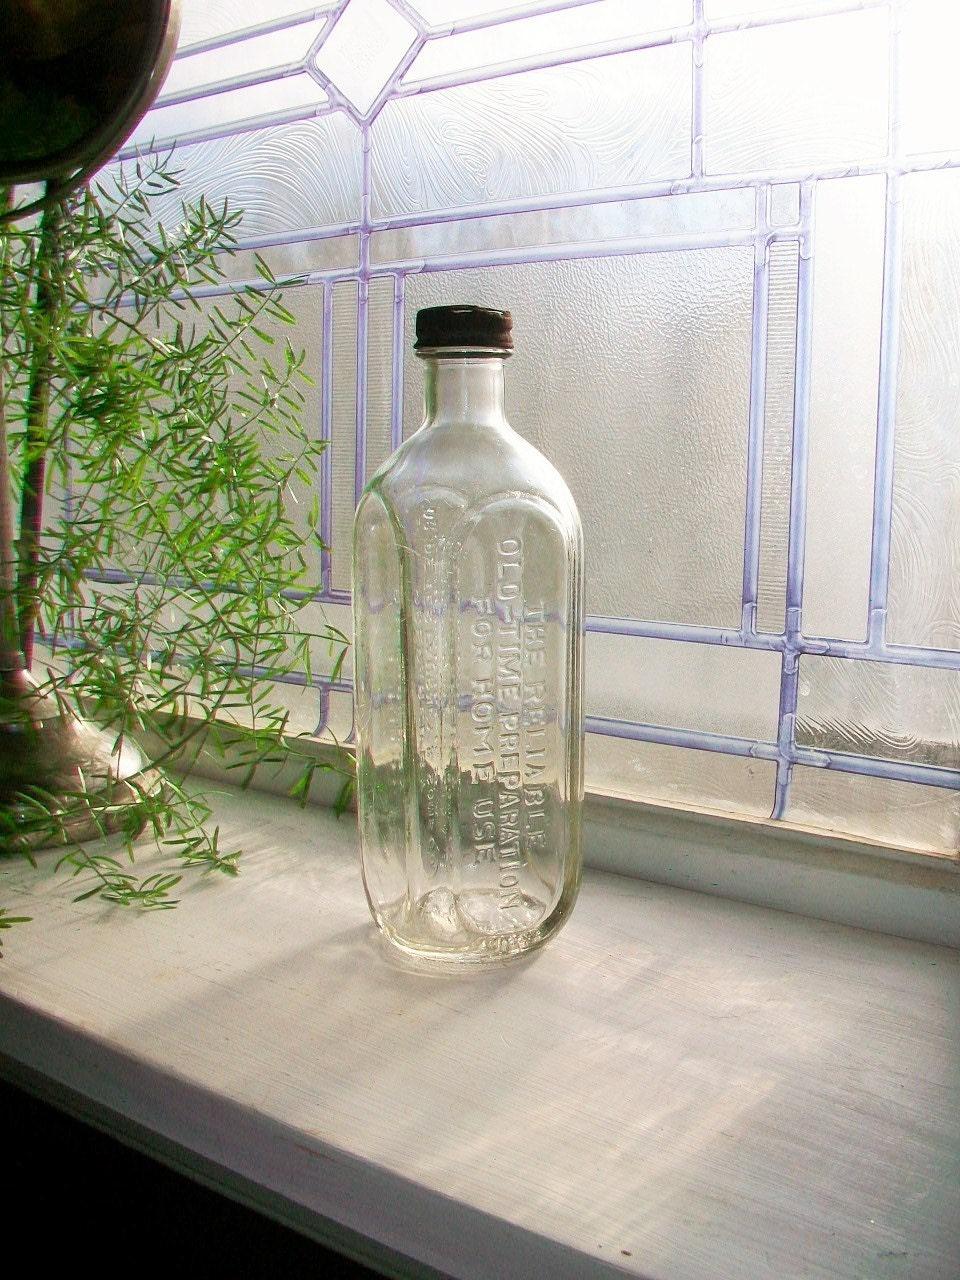 quack medicine bottles - photo #25